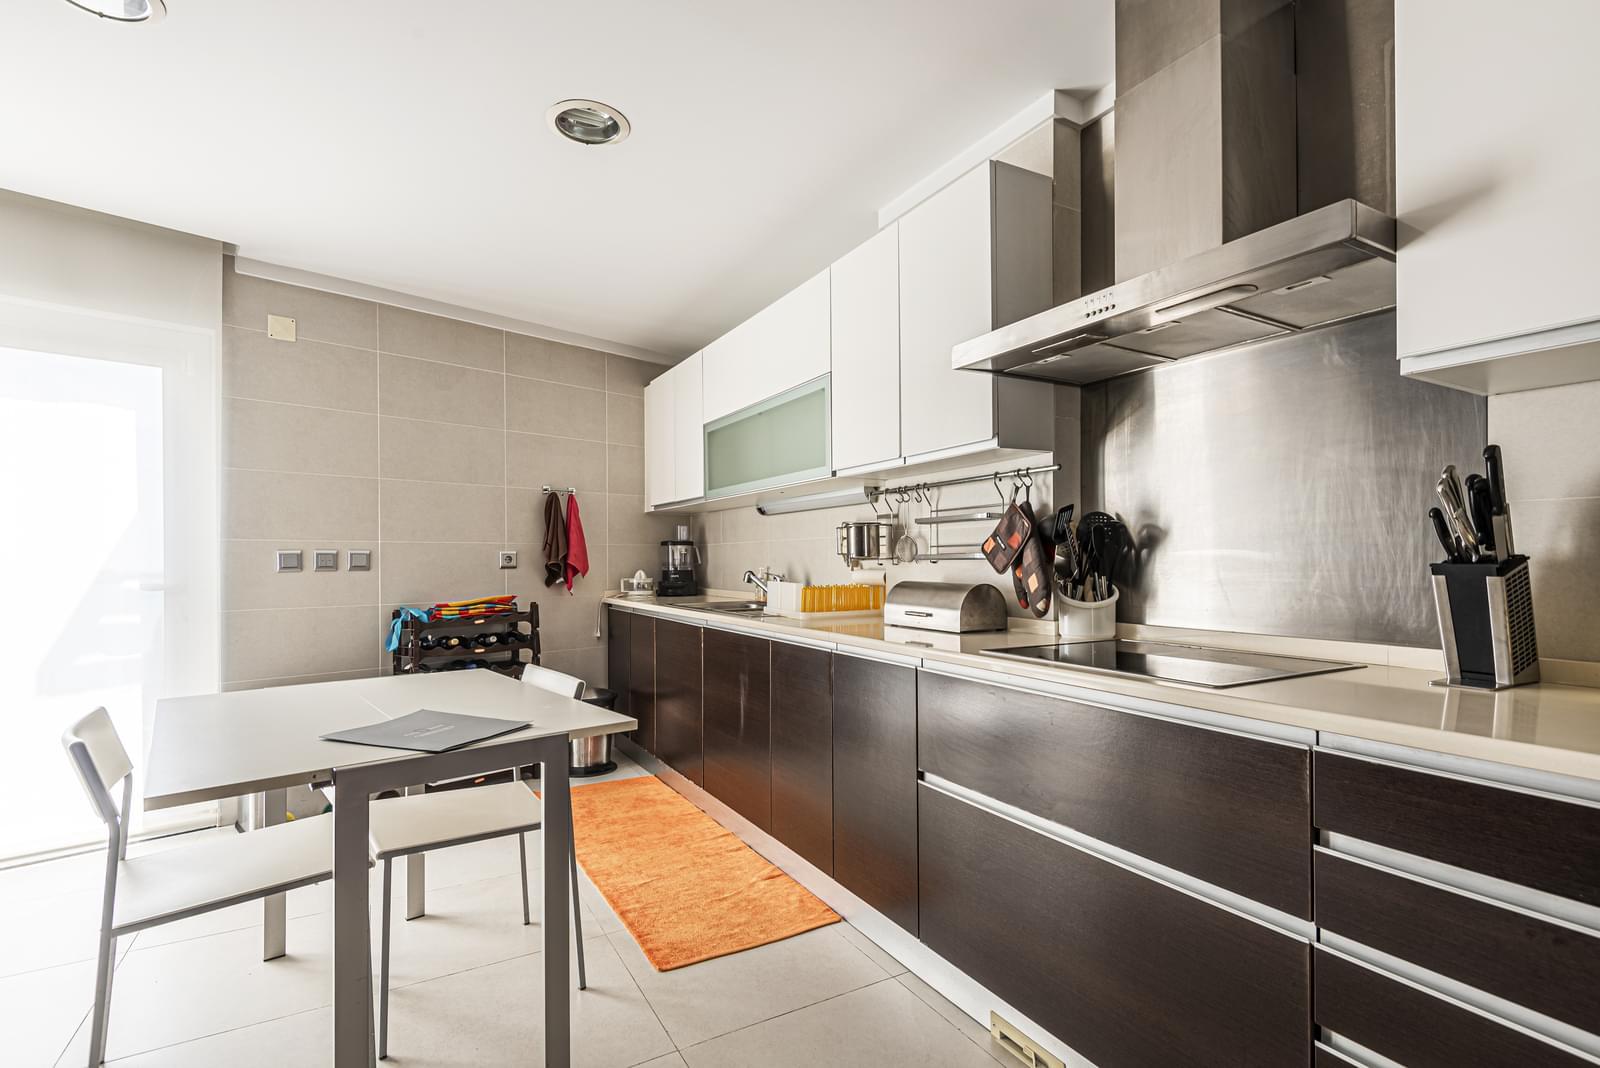 PF18318, Apartamento T4 + 1, Oeiras